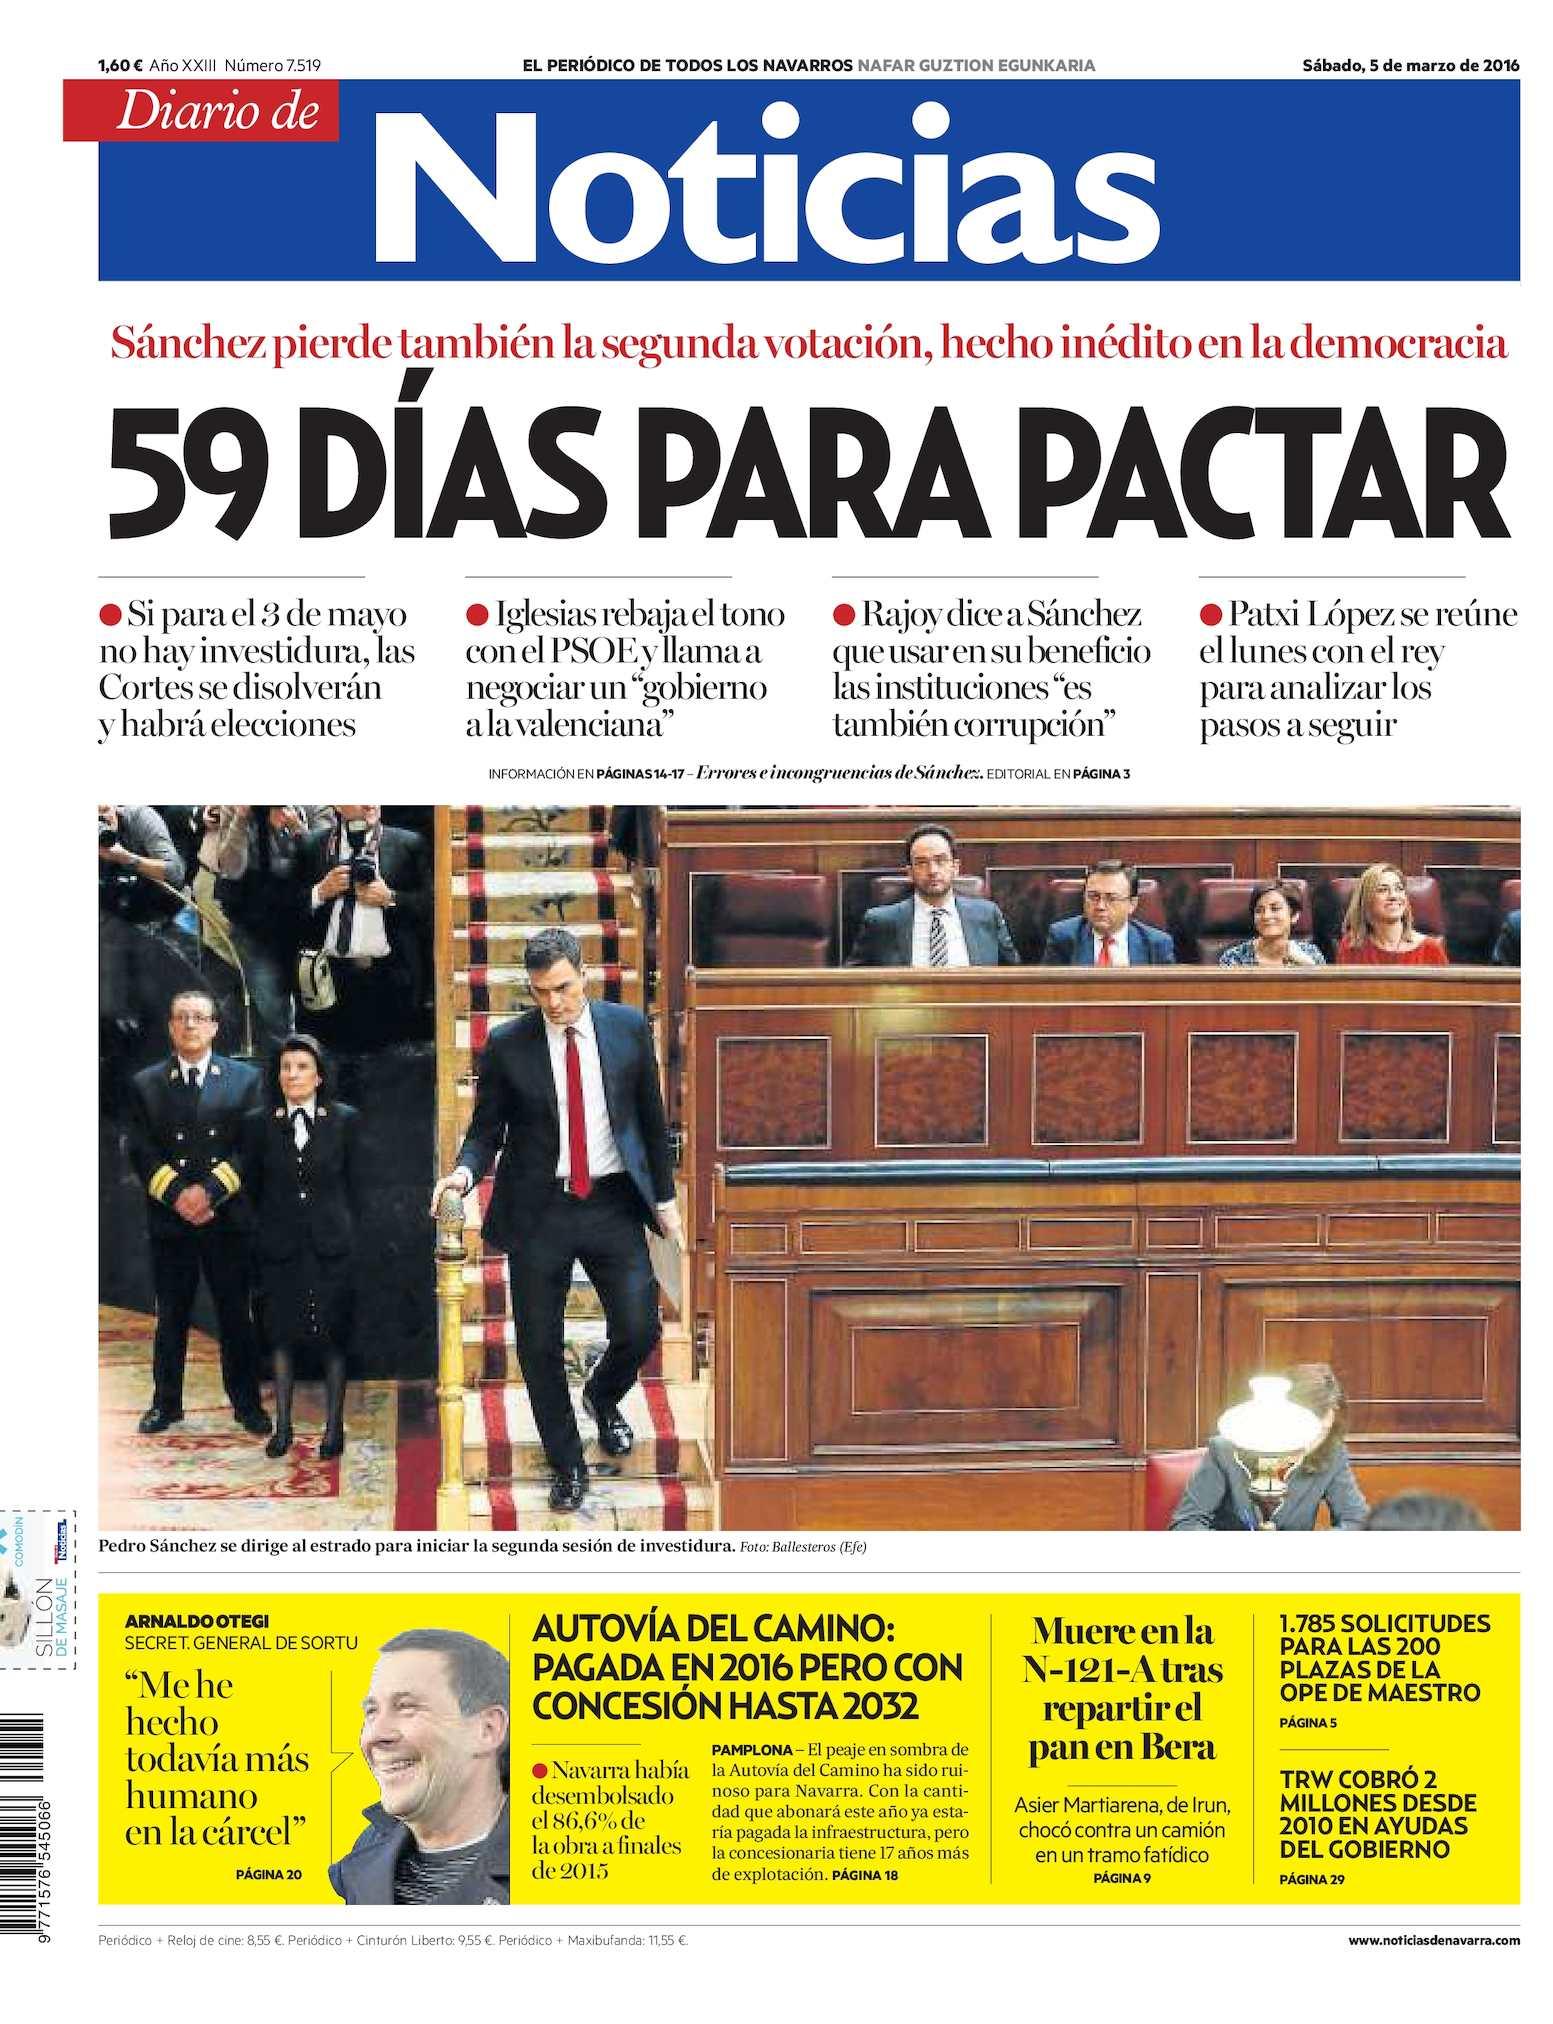 Calaméo - Diario de Noticias 20160305 0a1cabaed8d48